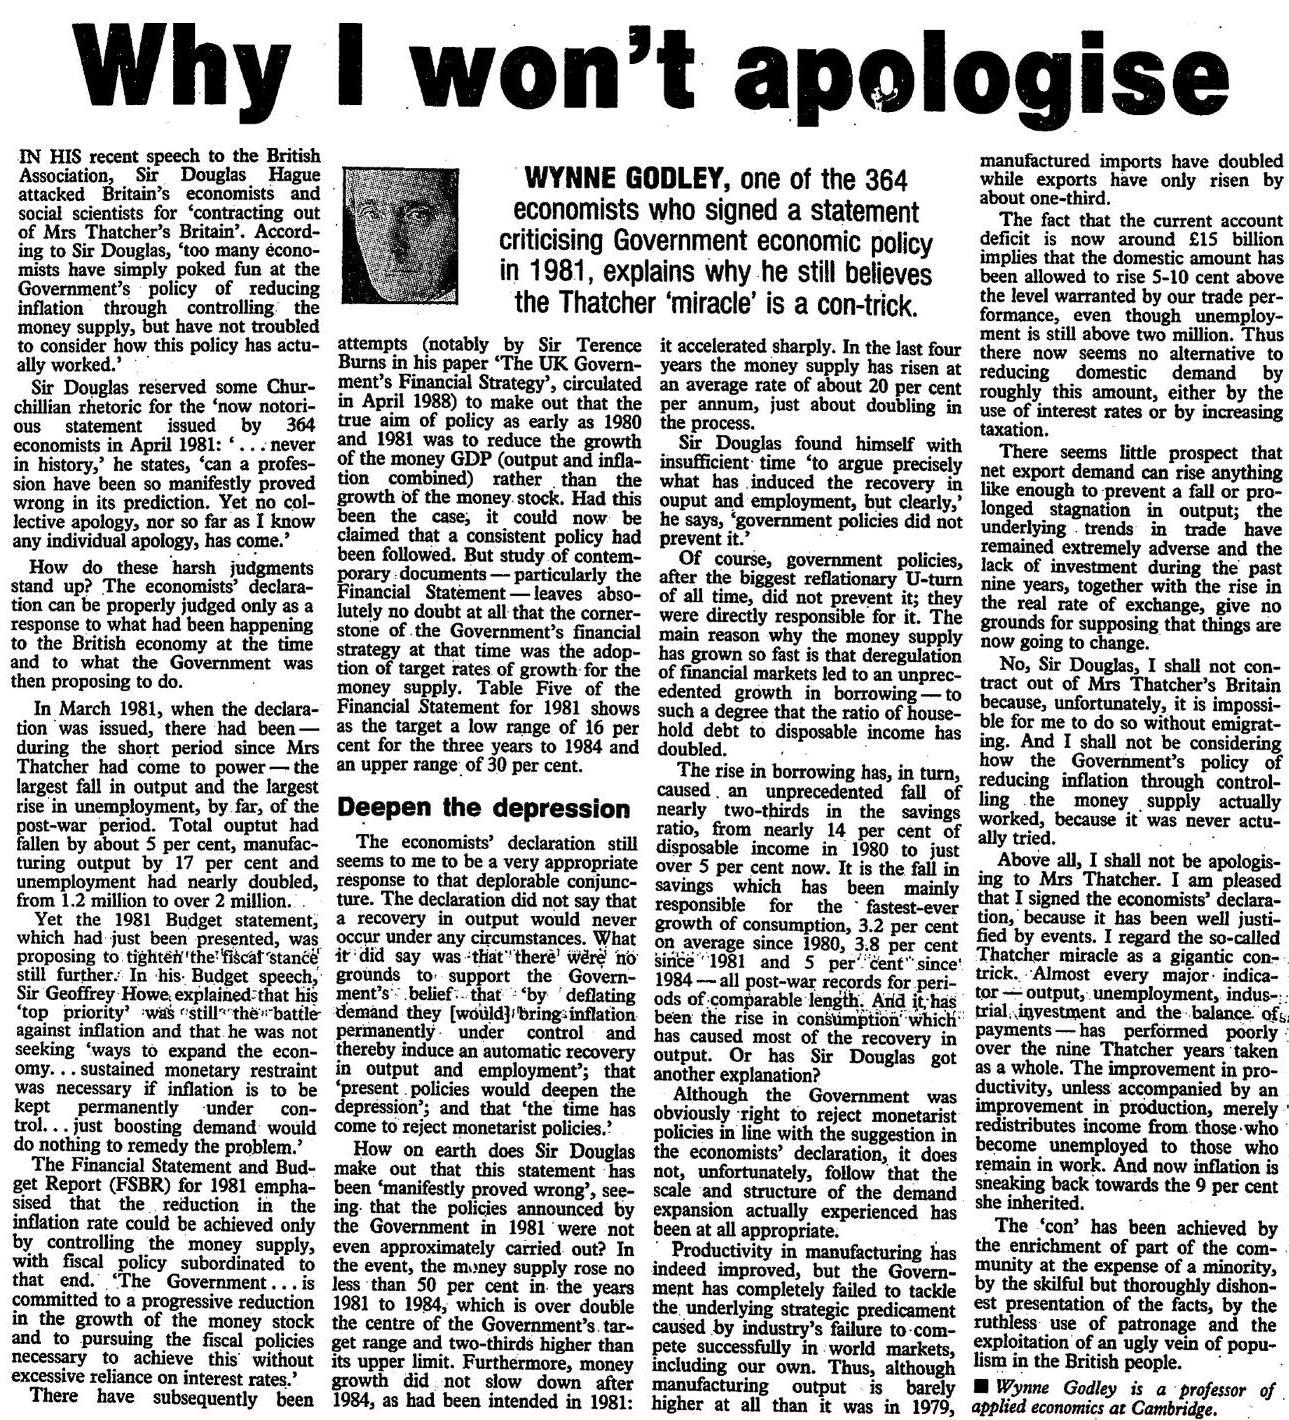 Wynne Godley - Why I Won't Apologize